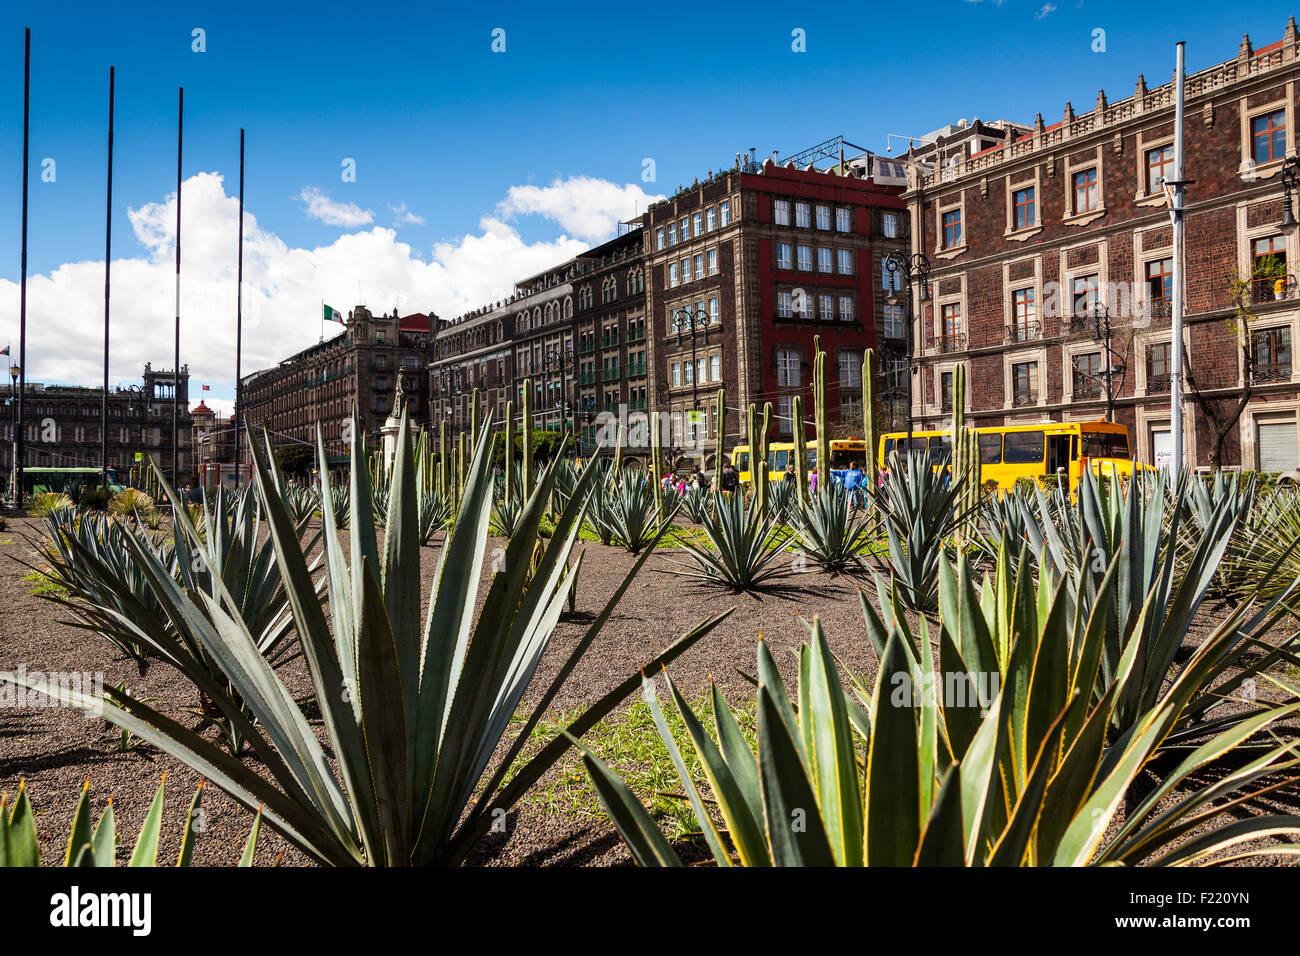 Agave giardino piazza Zocalo di Città del Messico Distretto Federale DF America del Nord Immagini Stock